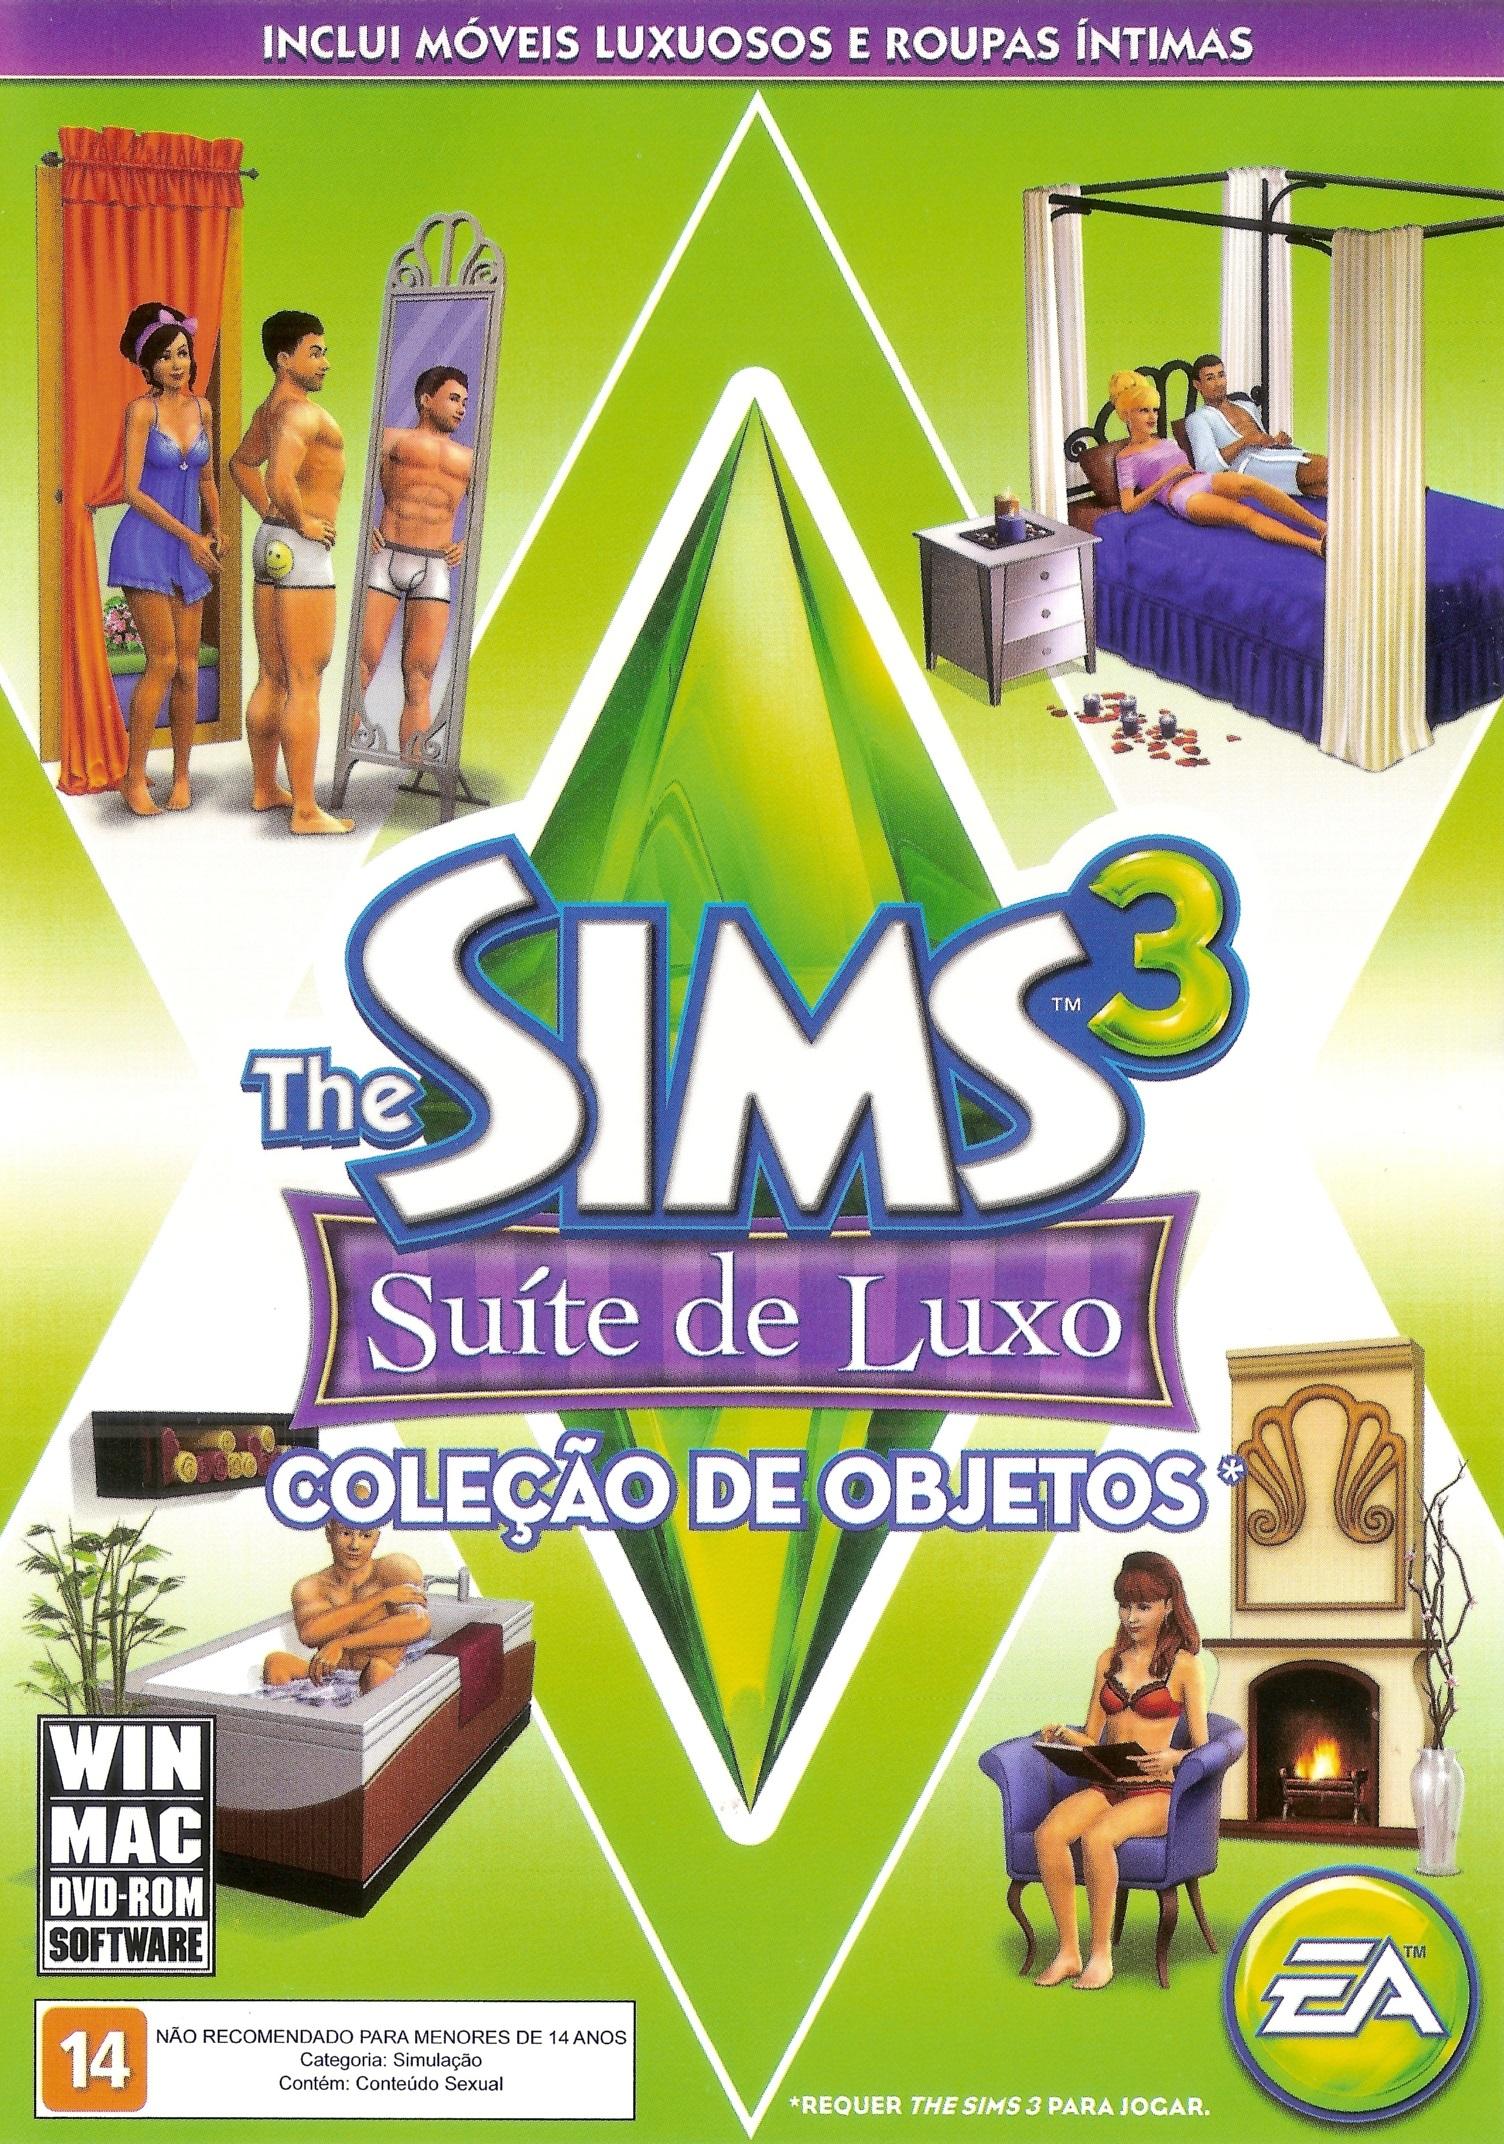 jogo gnomo de jardim : jogo gnomo de jardim:Capa_The_Sims_3_Suíte_de_Luxo.jpg